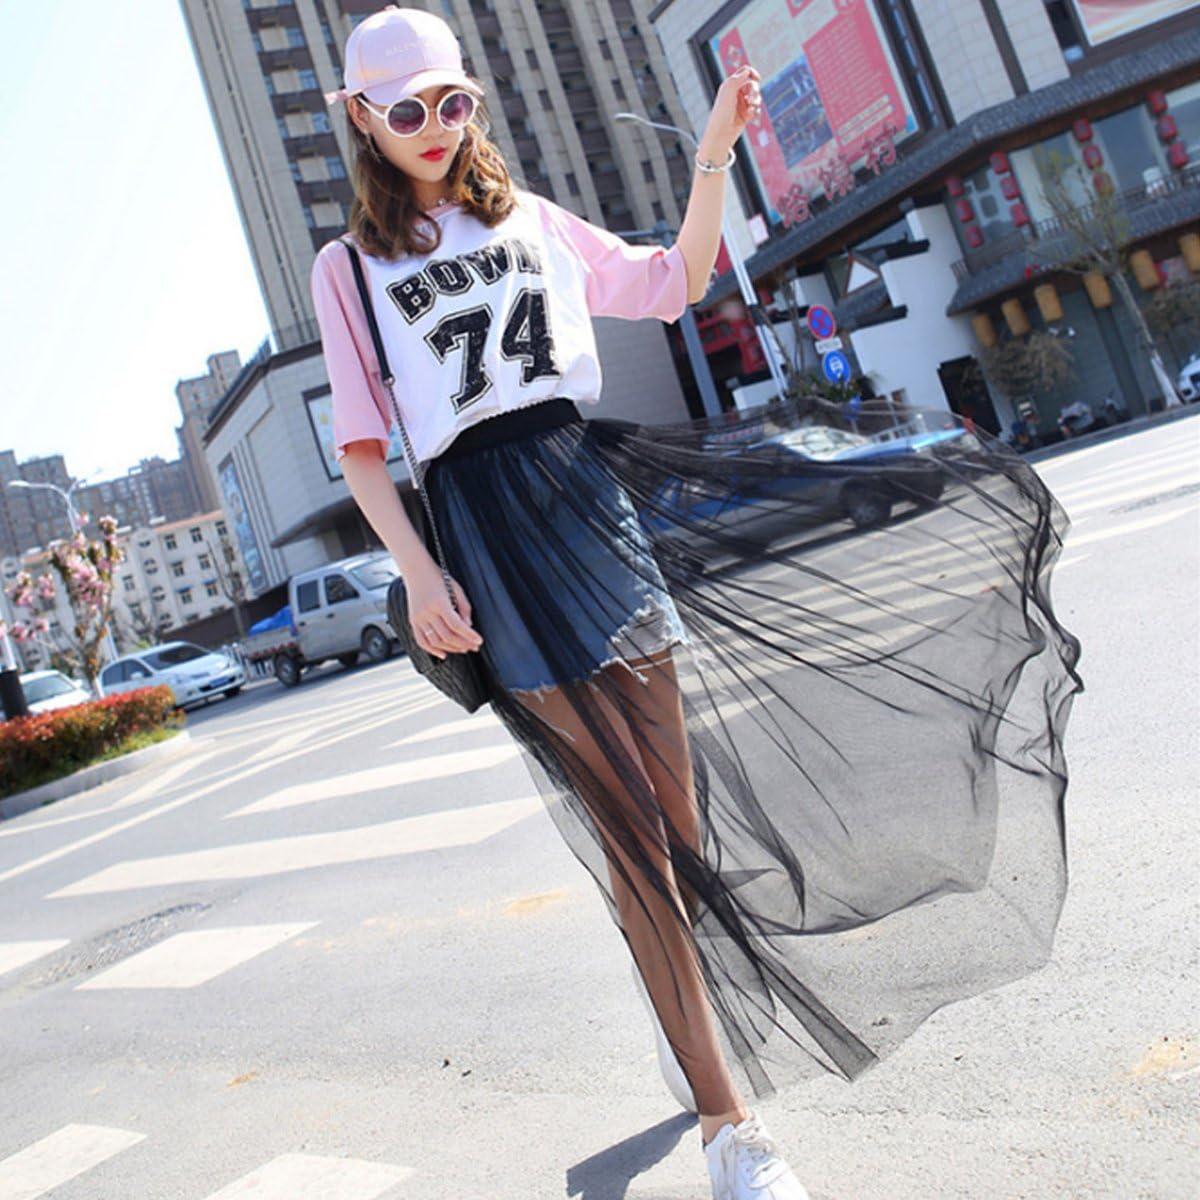 ABBY Femme Jupe en Tulle Taille Haute Longue Jupon sans Doublure en Polyester Jupe Noir Transparente